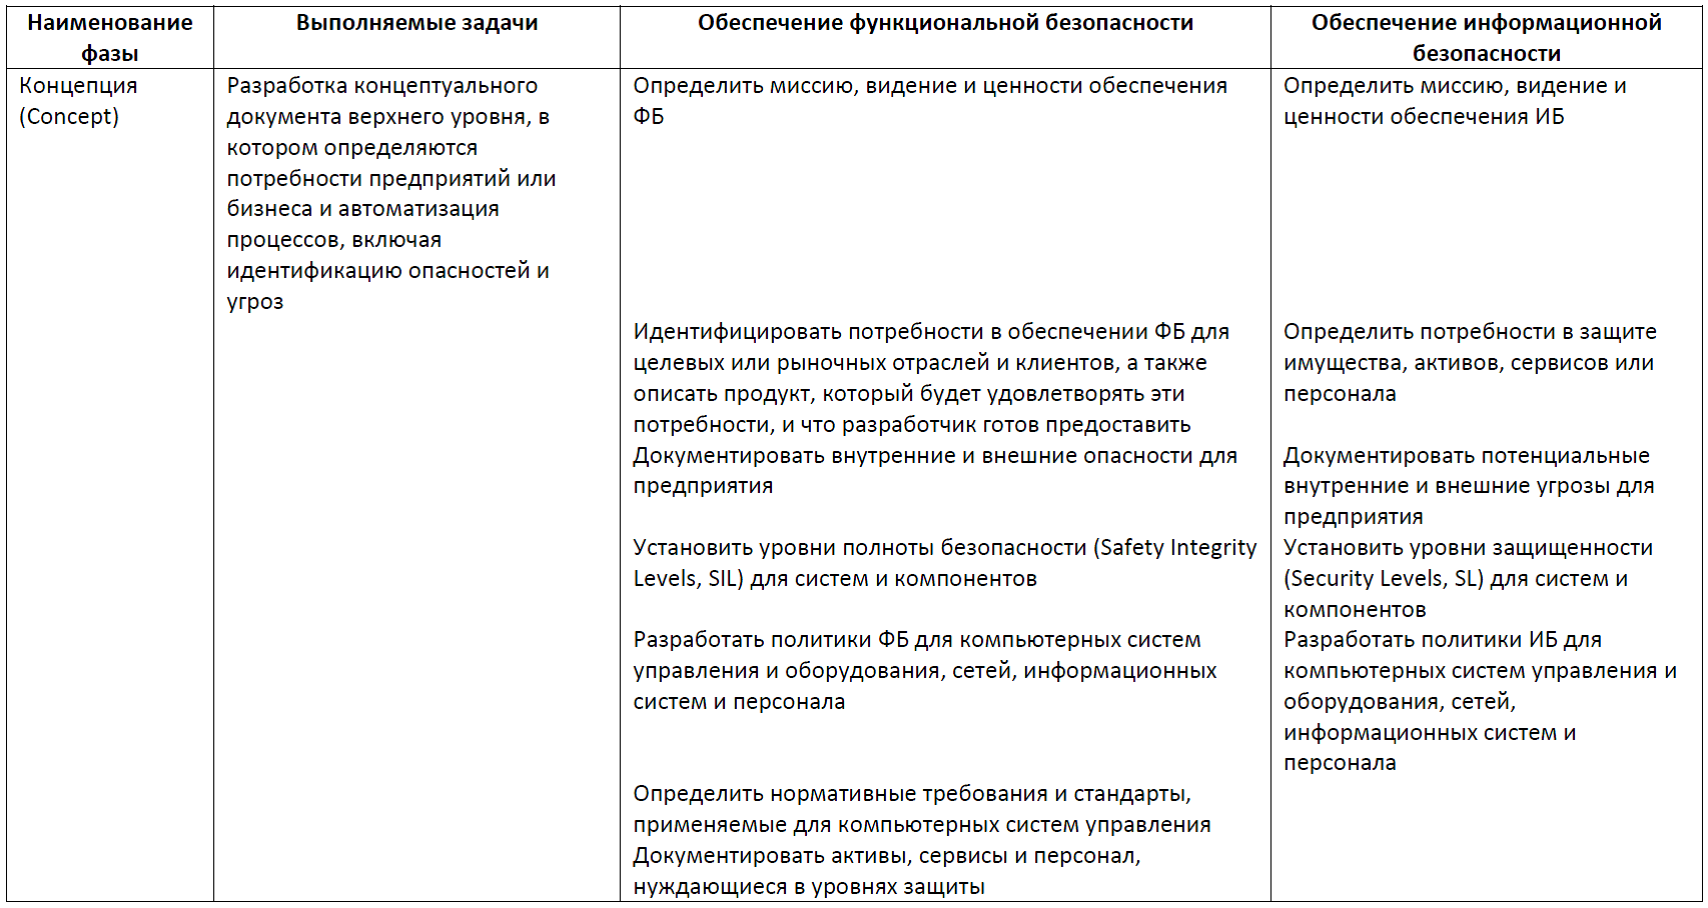 Функциональная безопасность, часть 5 из 5. Жизненный цикл информационной и функциональной безопасности - 7